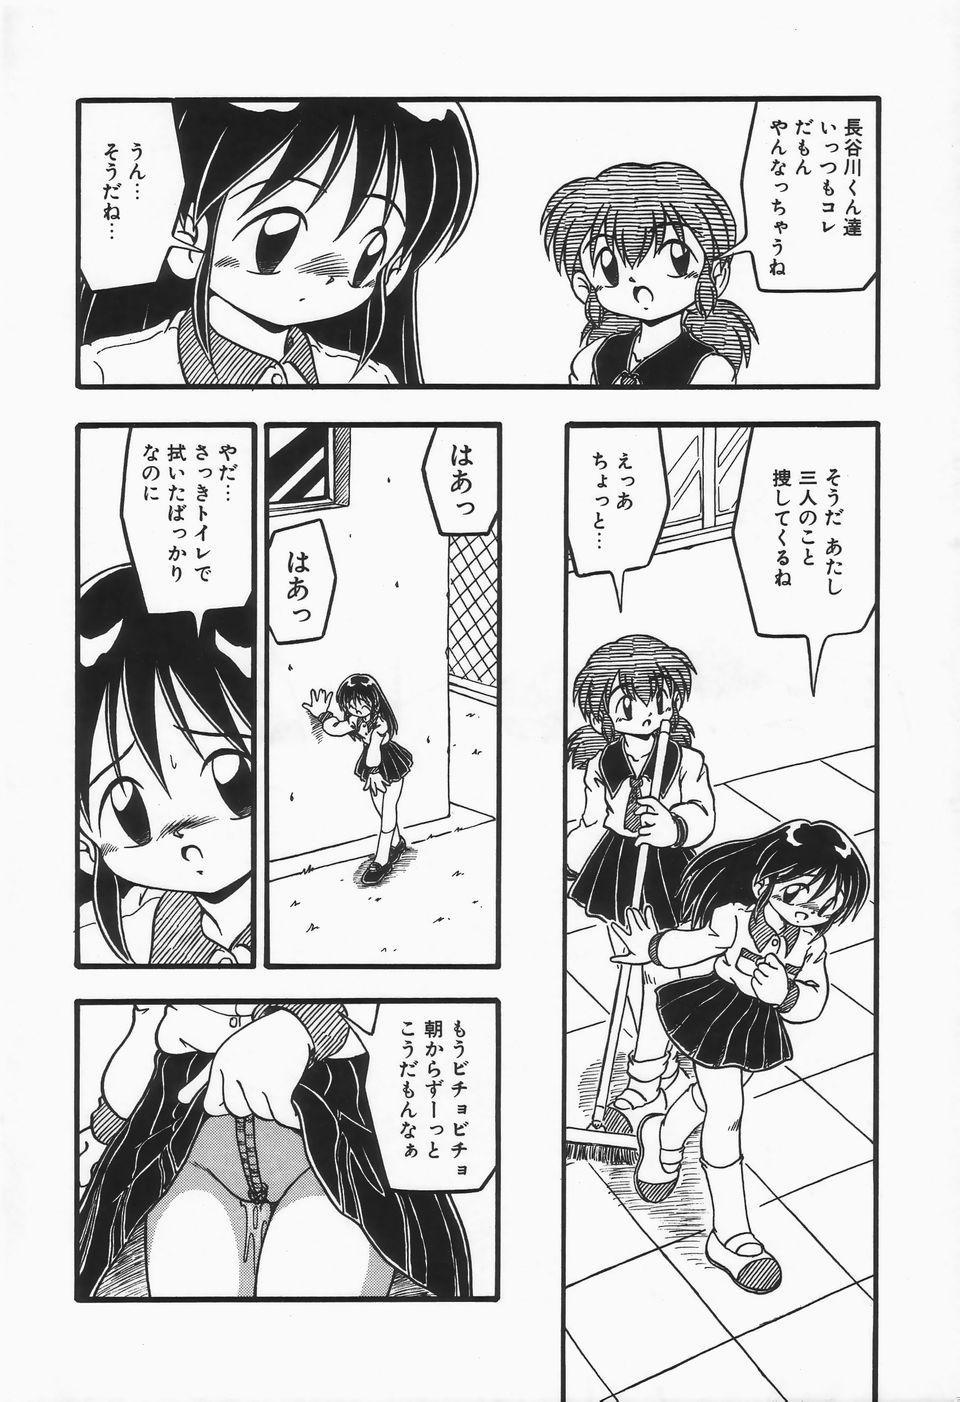 Mizu no Iro Kaze no Iro 127